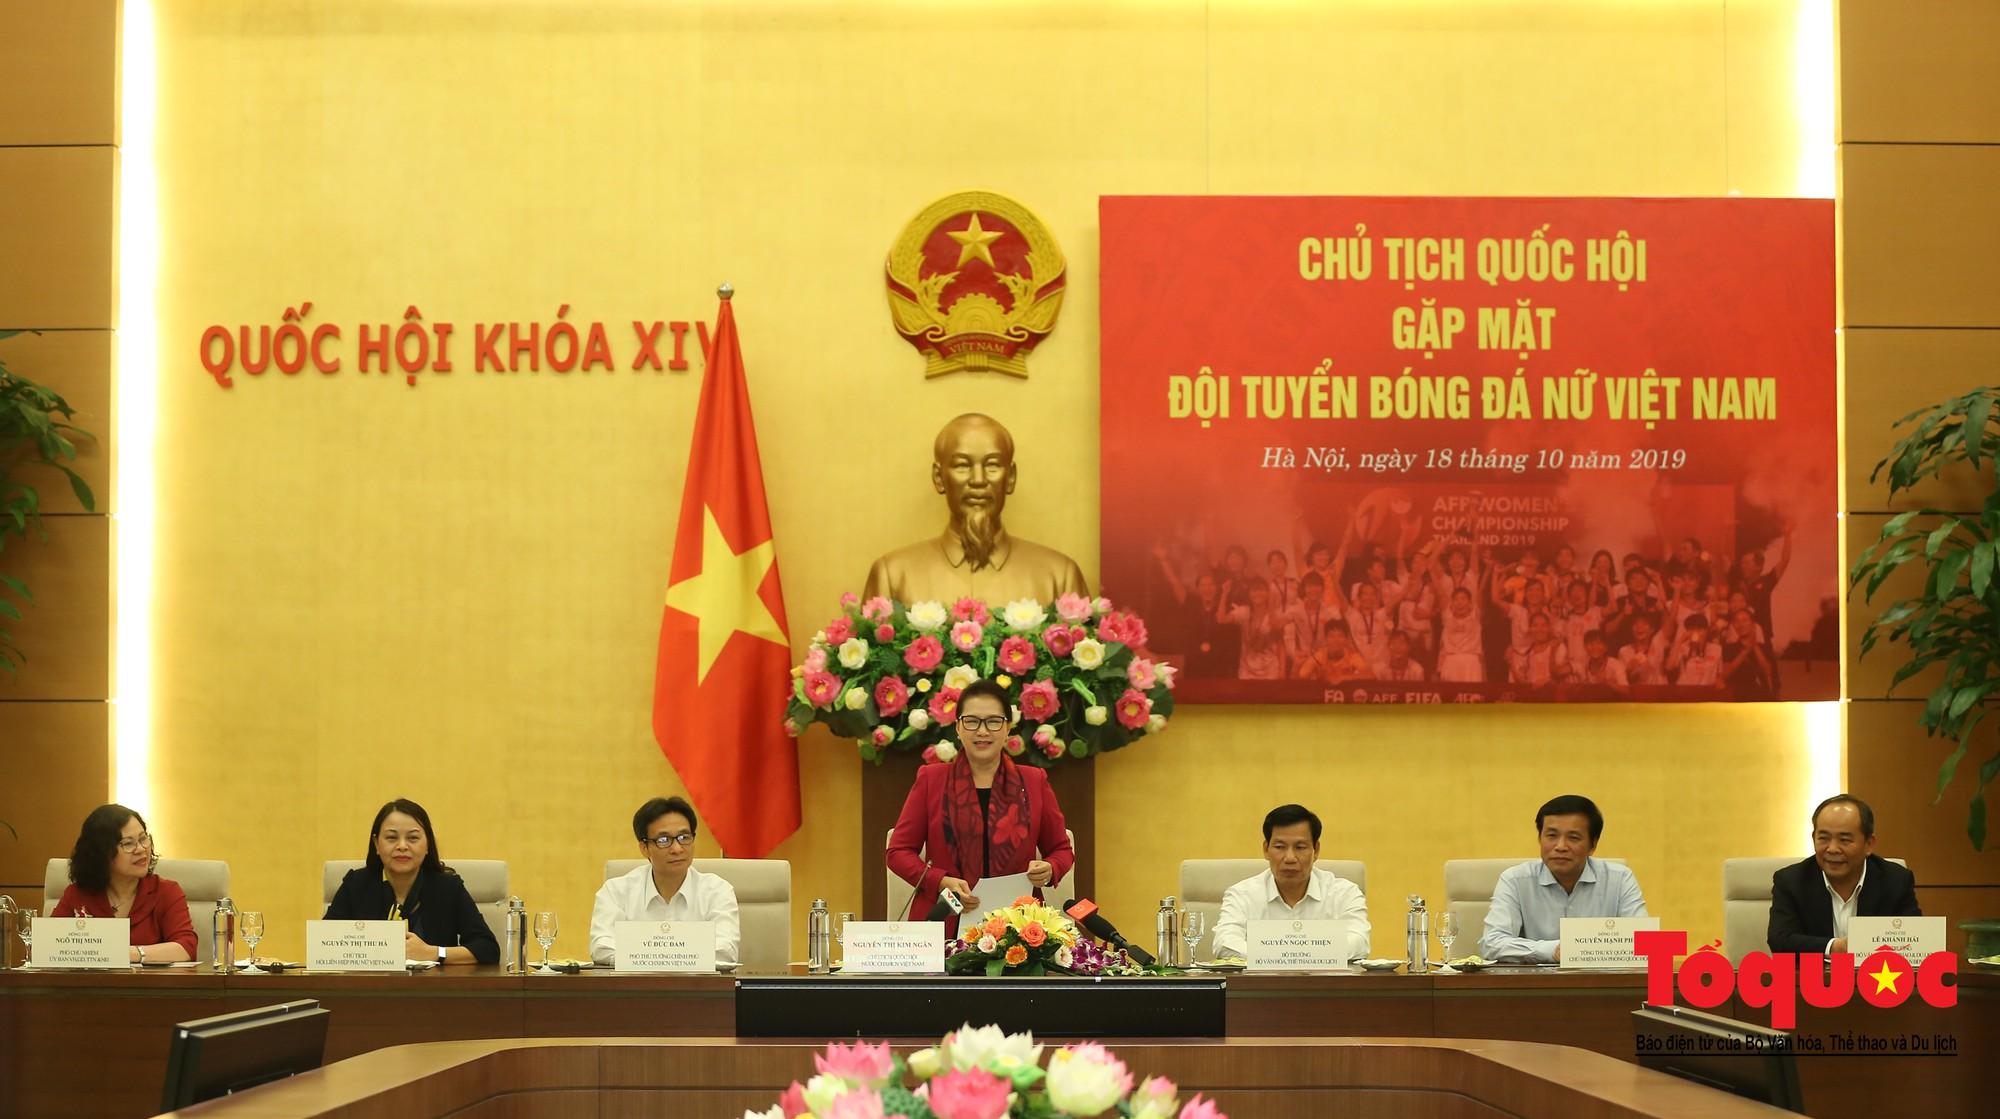 Chủ tịch Quốc hội Nguyễn Thị Kim Ngân: Bóng đá nam nhìn thành tích bóng đá nữ còn phải mơ ước dài10